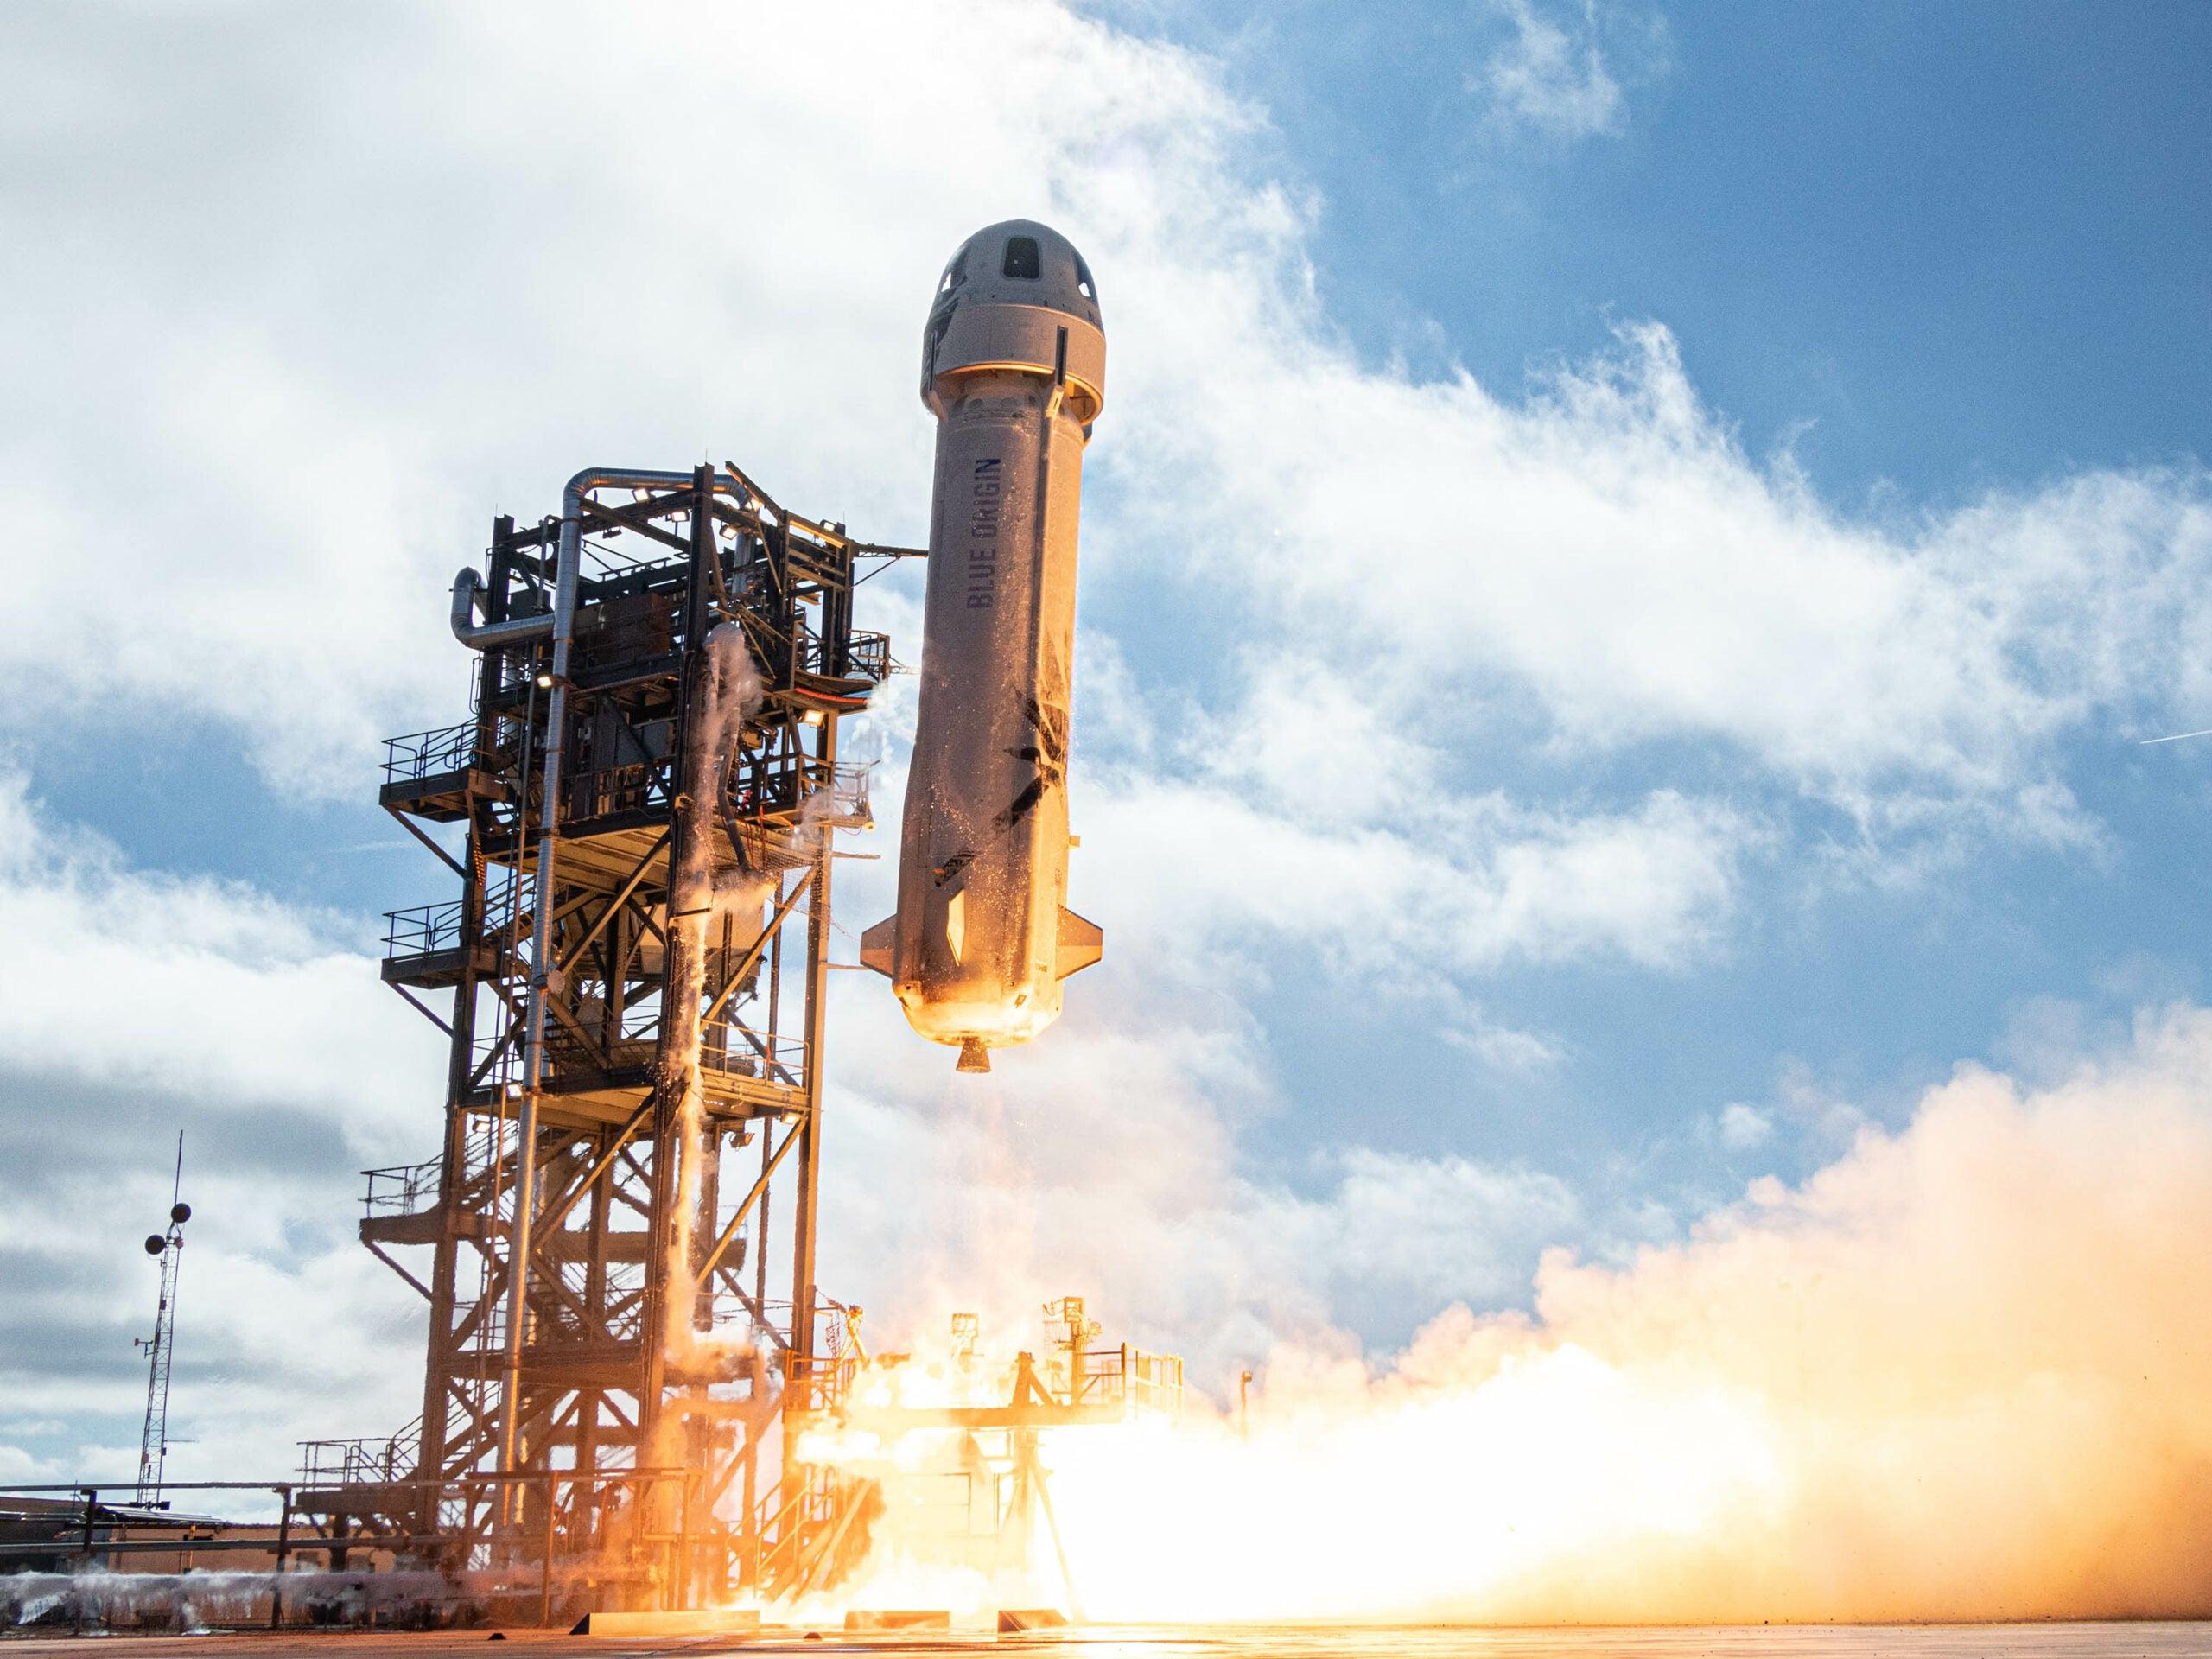 Blue Origin's New Shephard rocket lifts off.